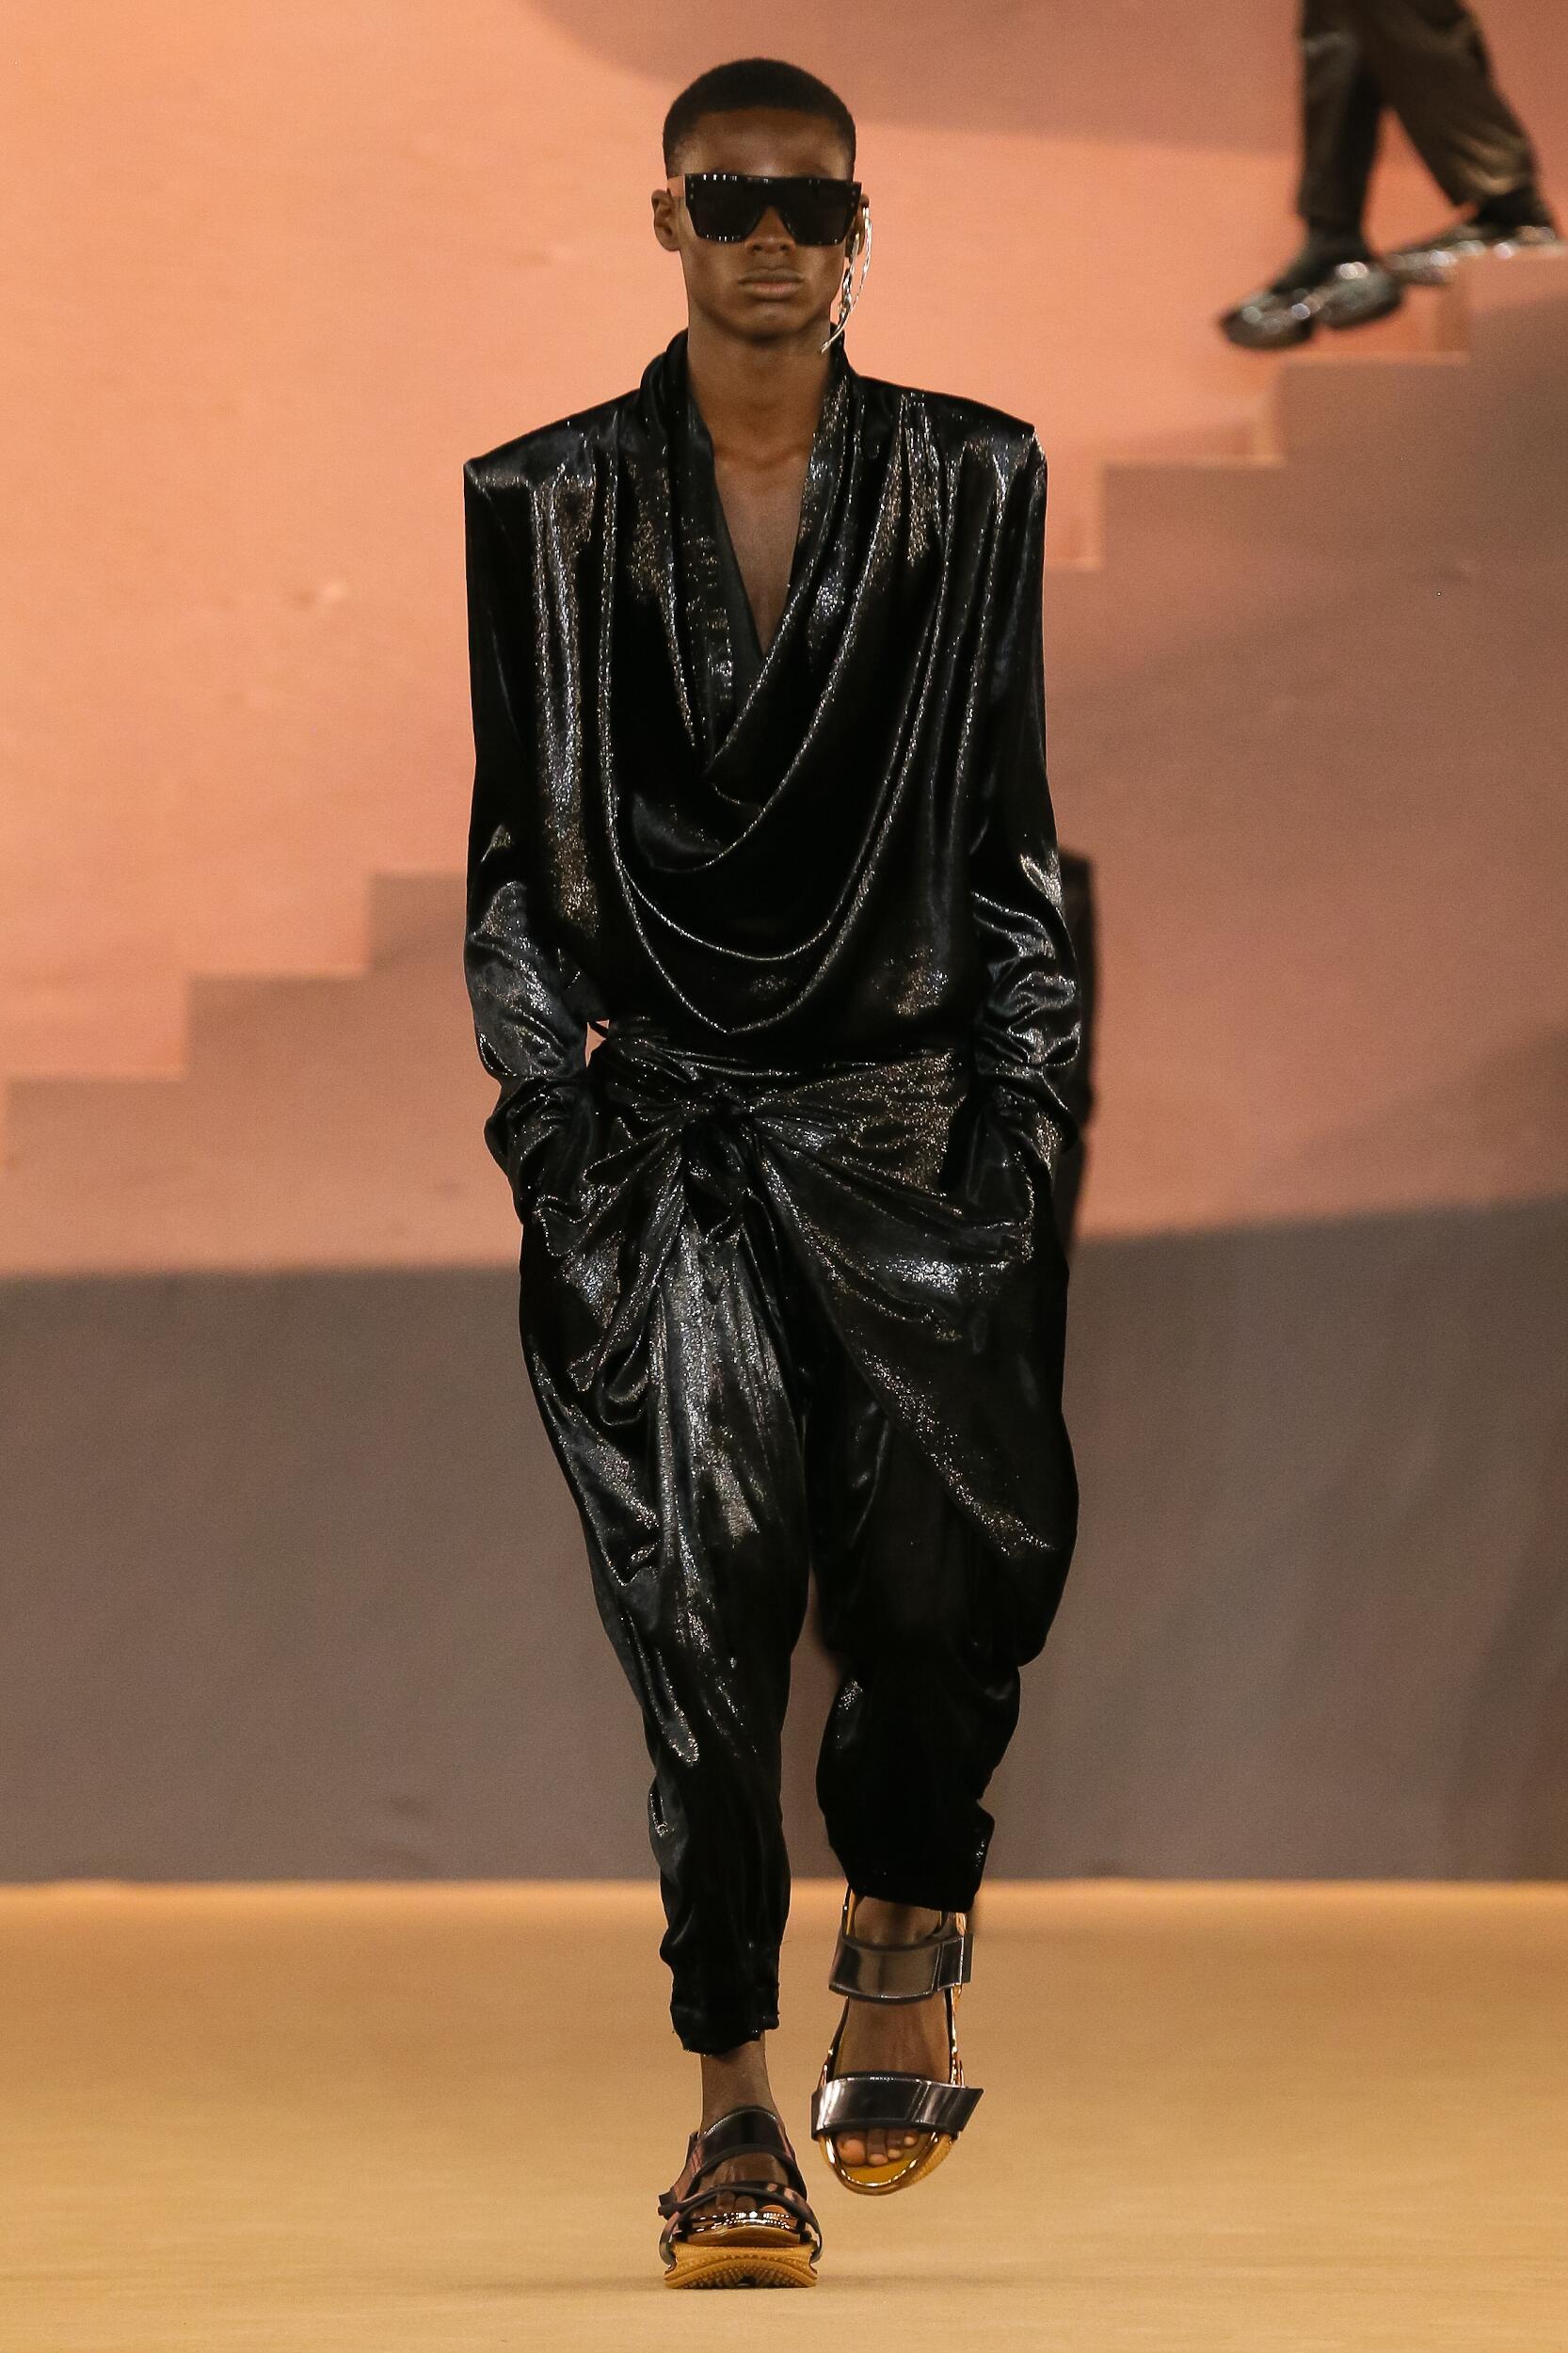 Balmain Menswear Collection Trends Winter